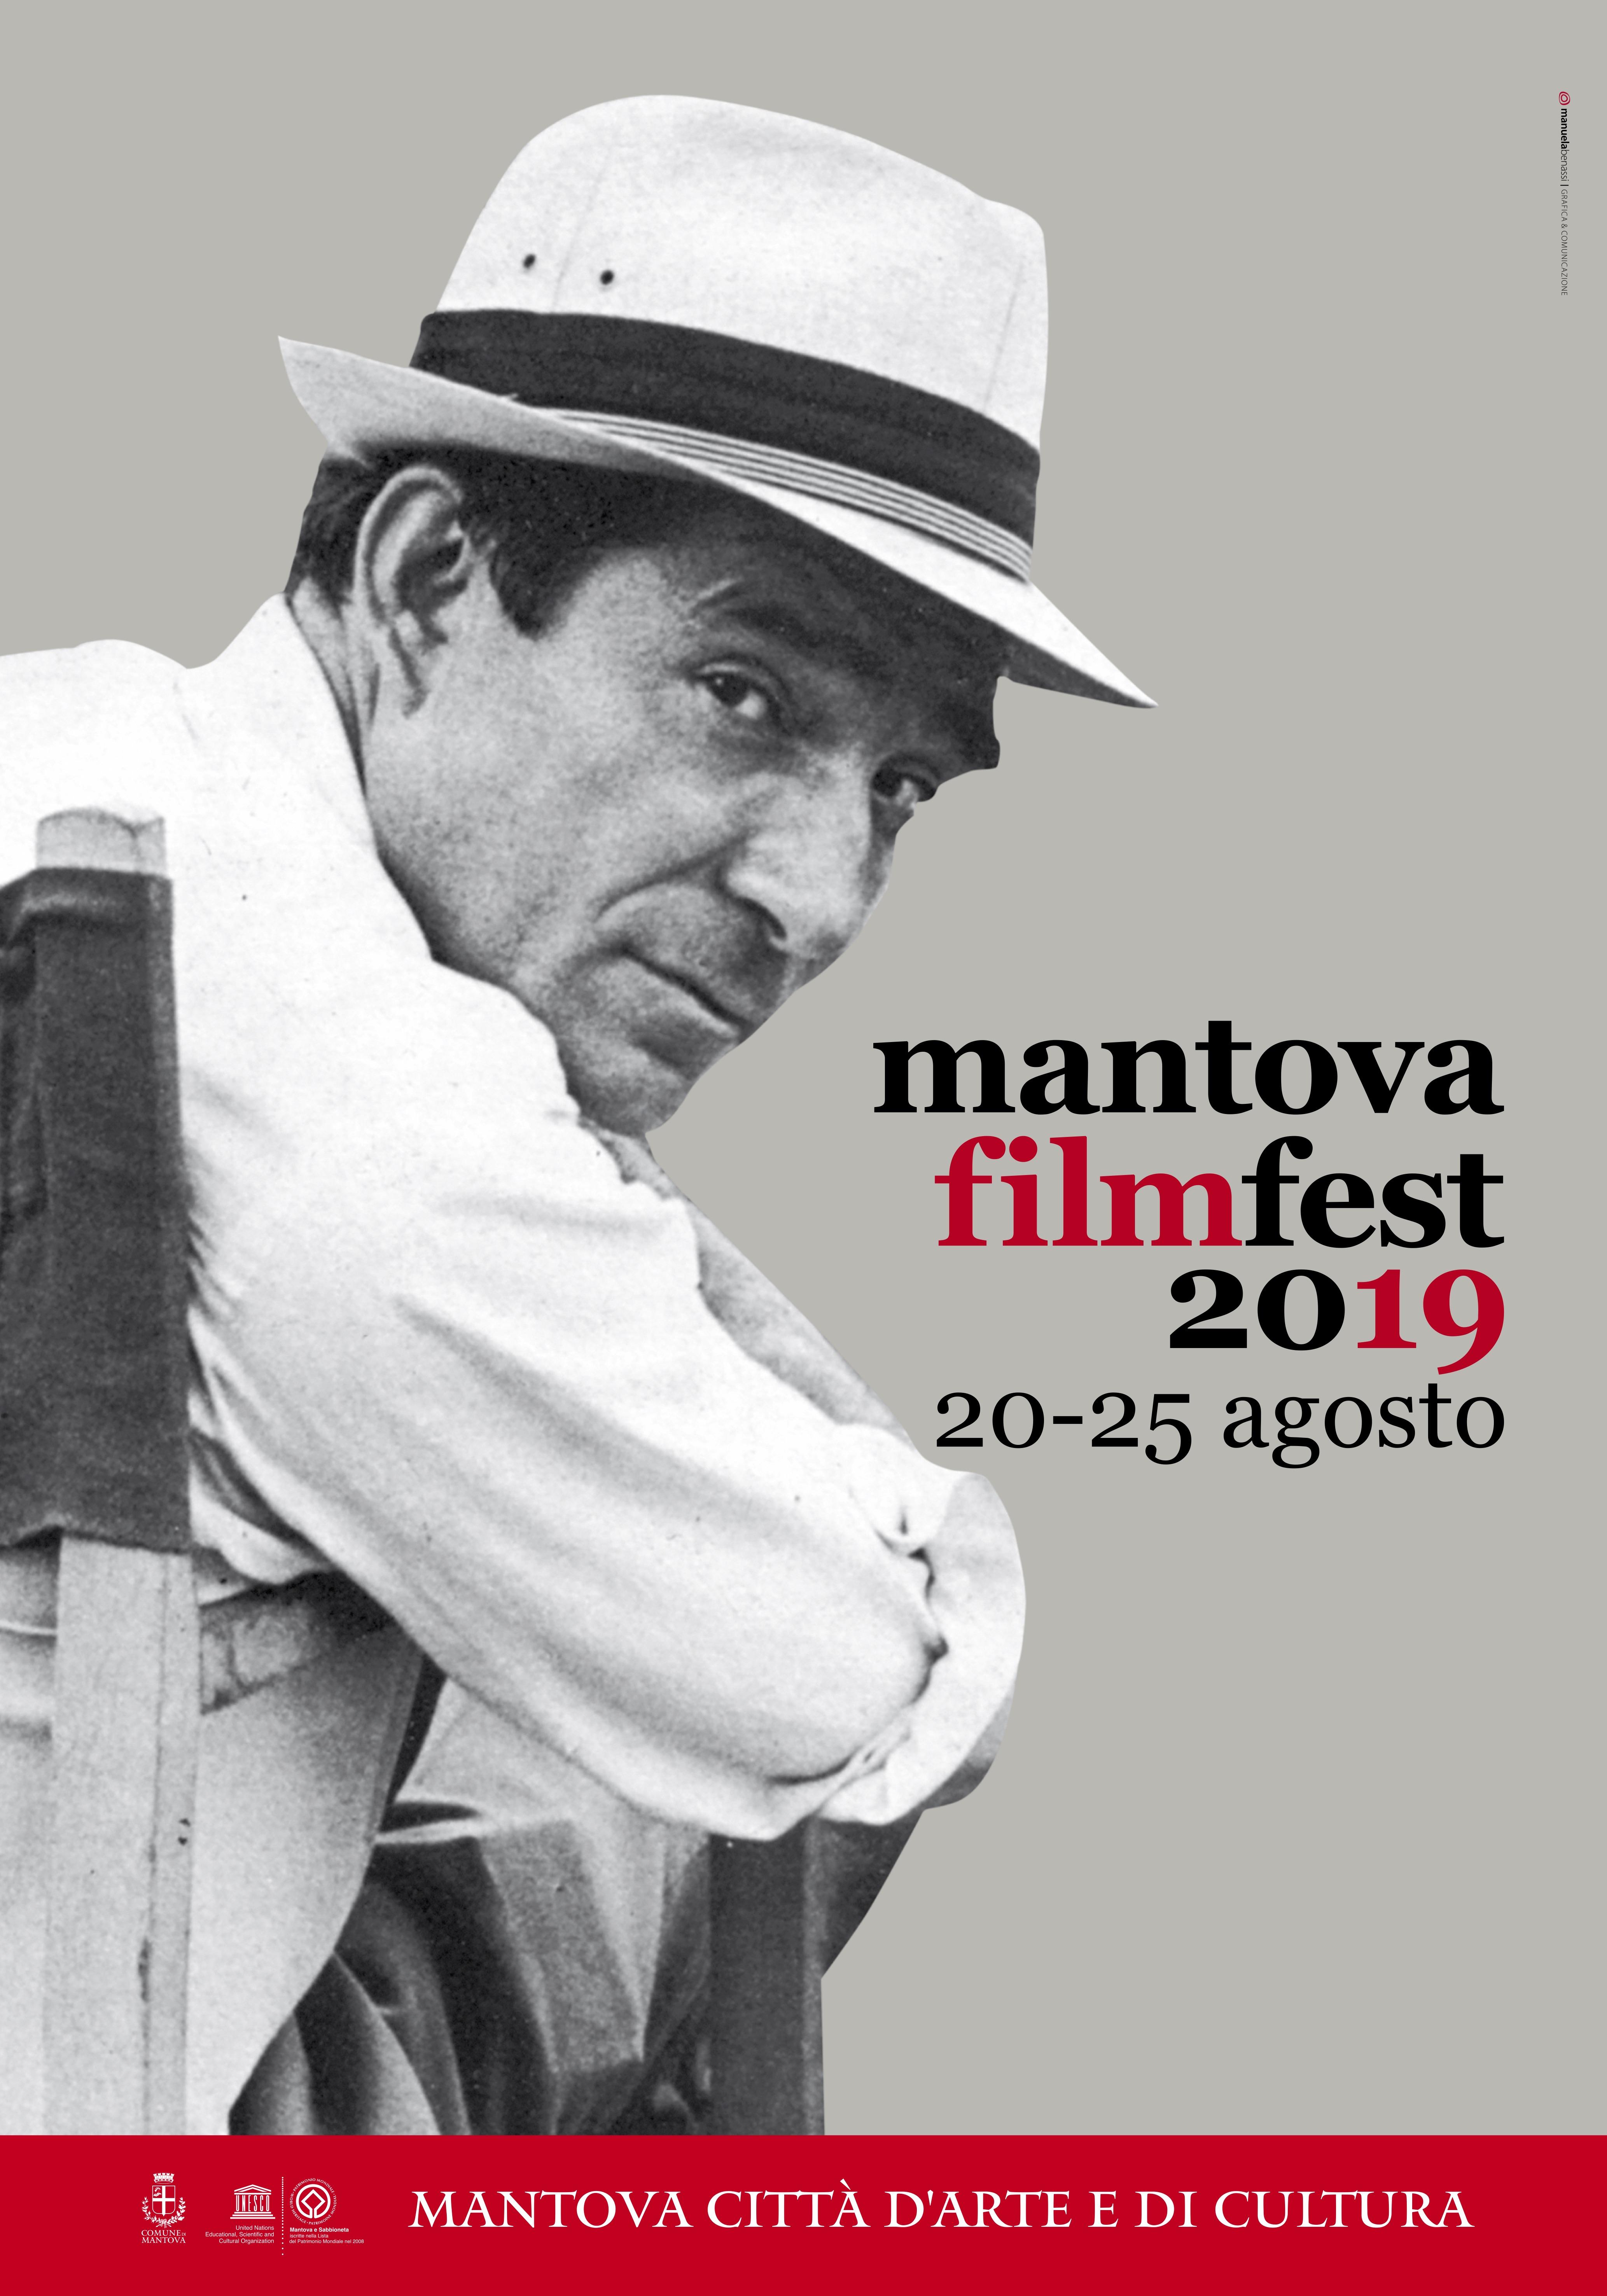 manifesto mantovafilmfest20194358